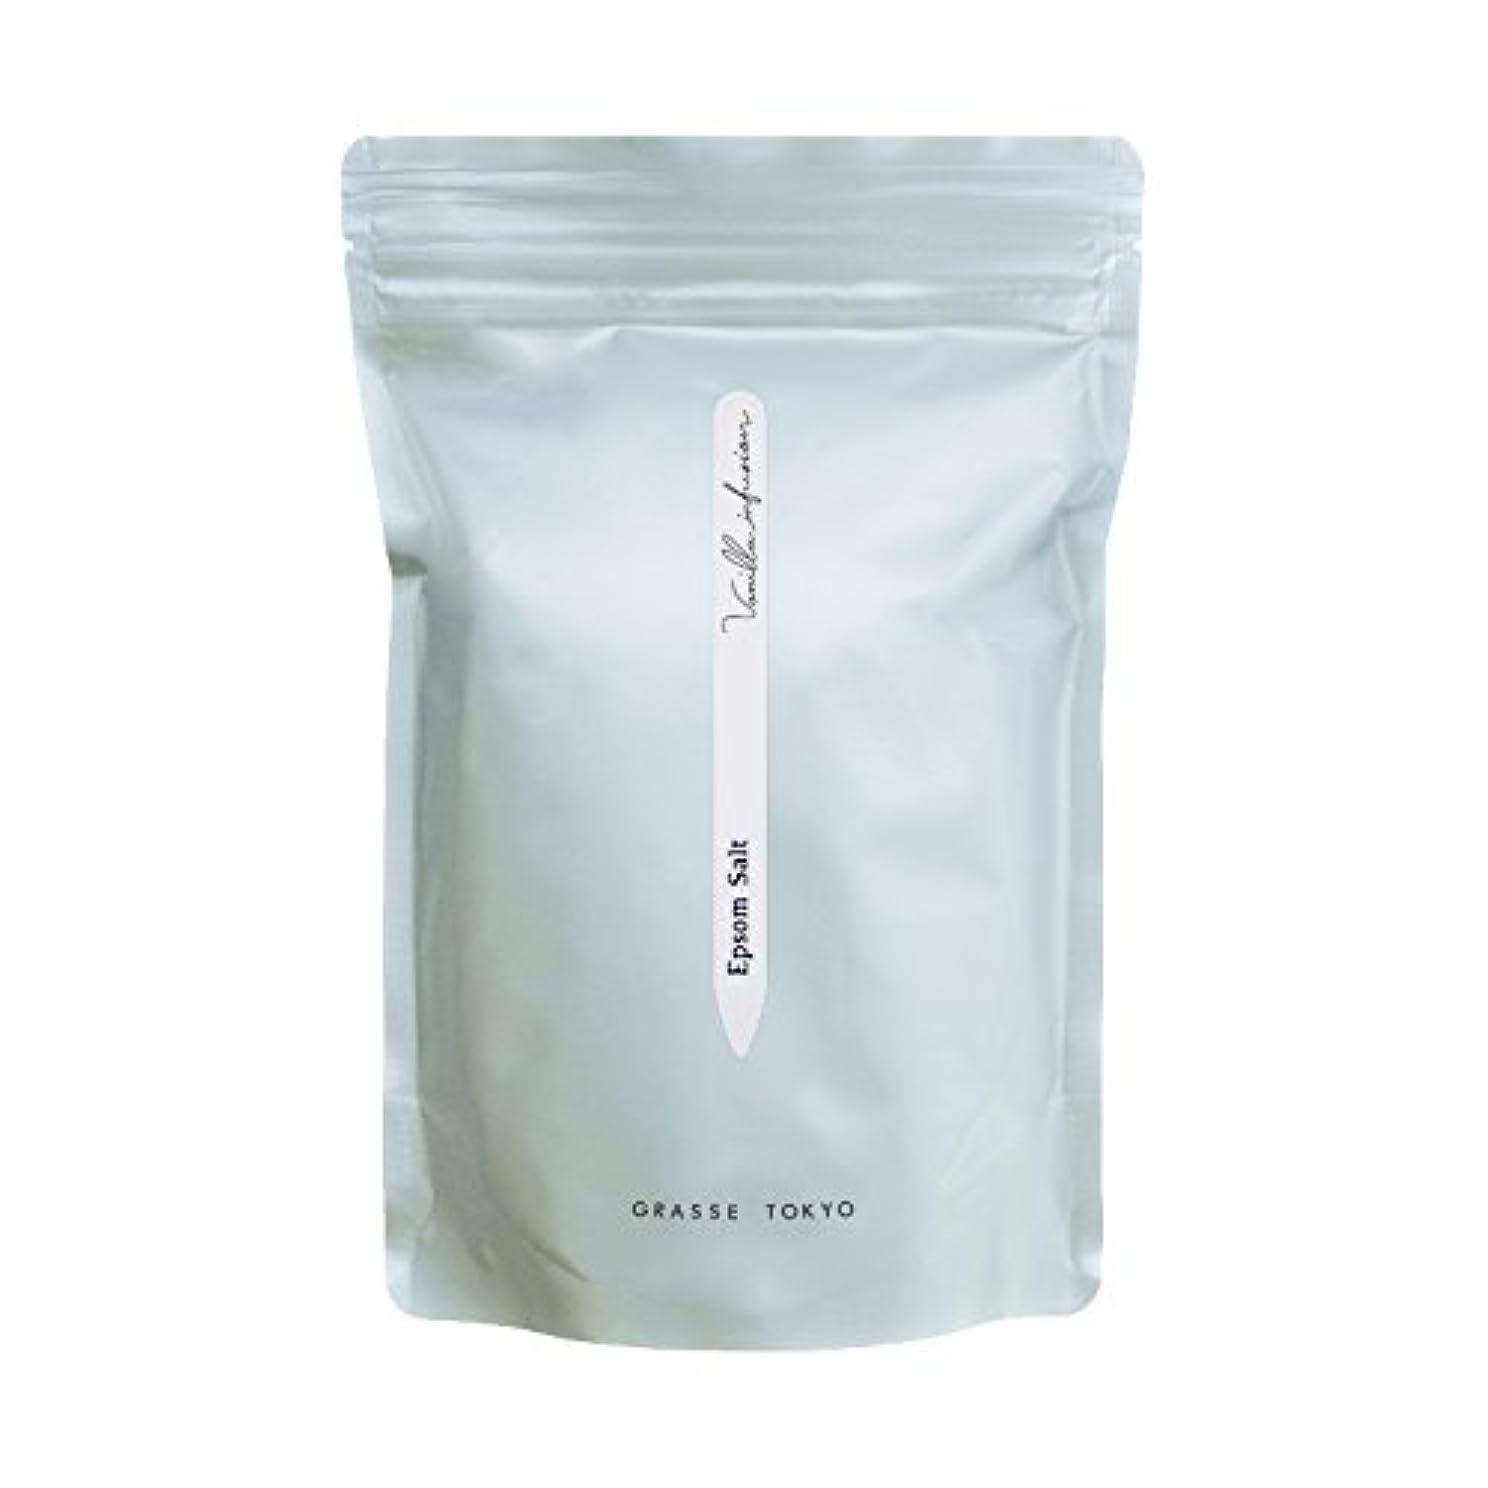 血まみれ取り壊す人形グラーストウキョウ エプソムソルト(浴用、5回分ジップ袋) Vanilla infusion 750g